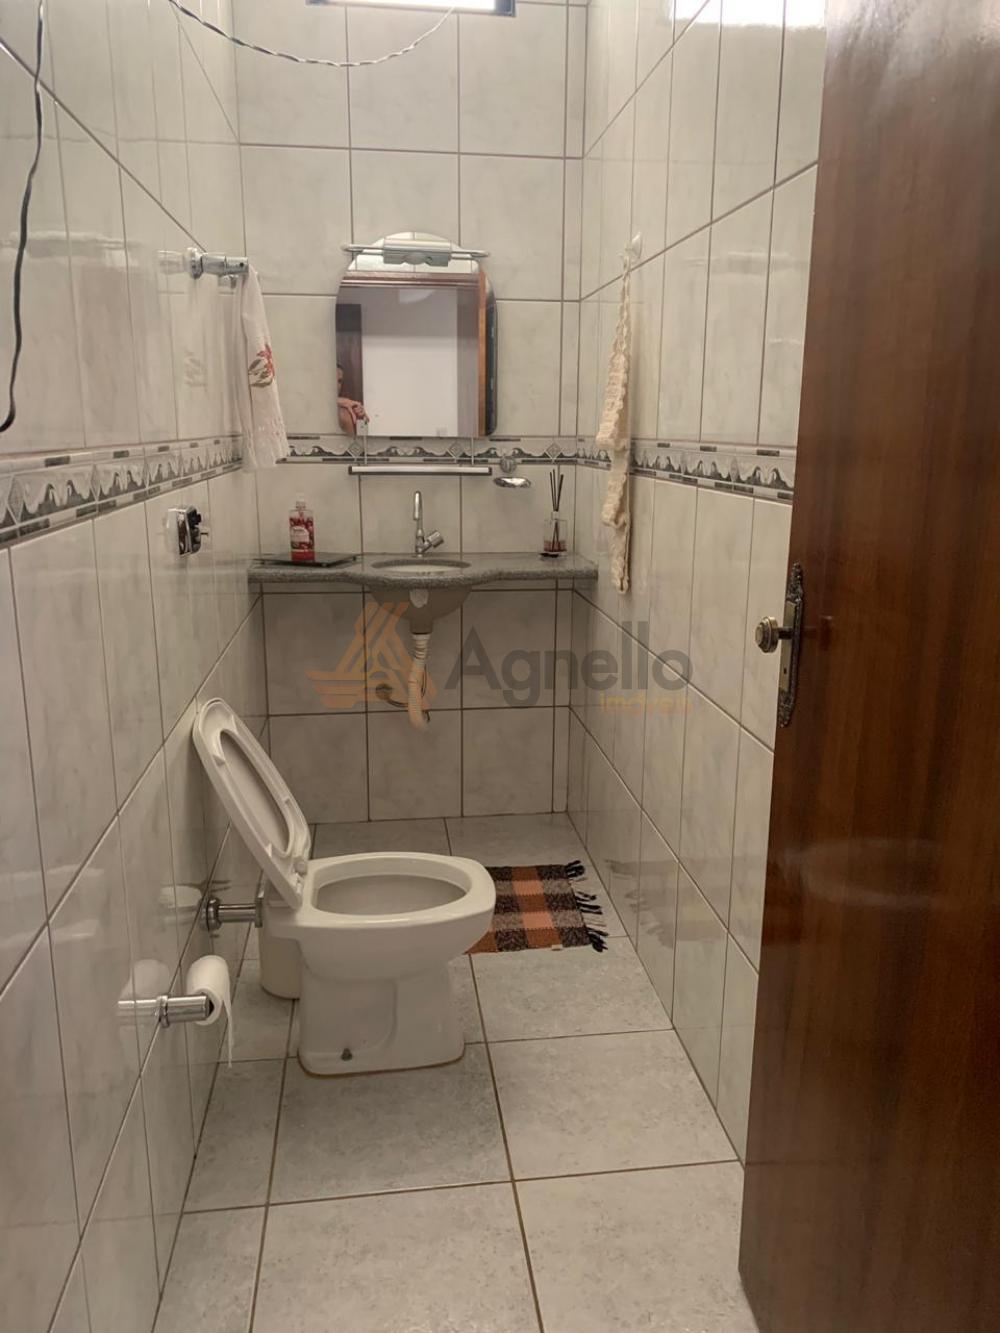 Comprar Casa / Chácara em Franca apenas R$ 730.000,00 - Foto 9